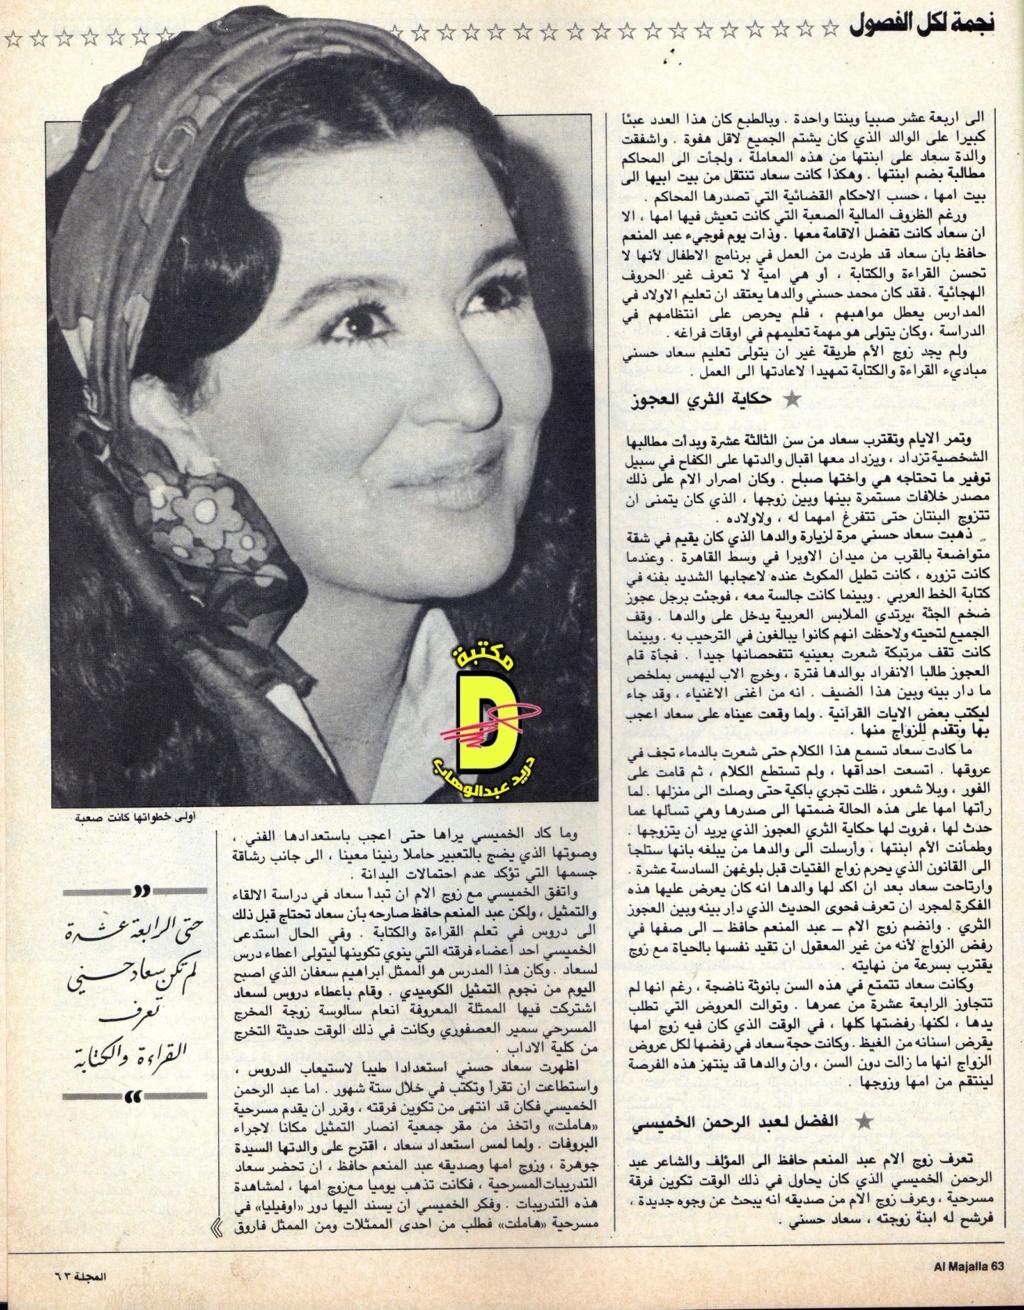 صحفي - مقال صحفي : قصة حياة سعاد حسني .. نجمة لكل الفصول 1990 م (؟) 266